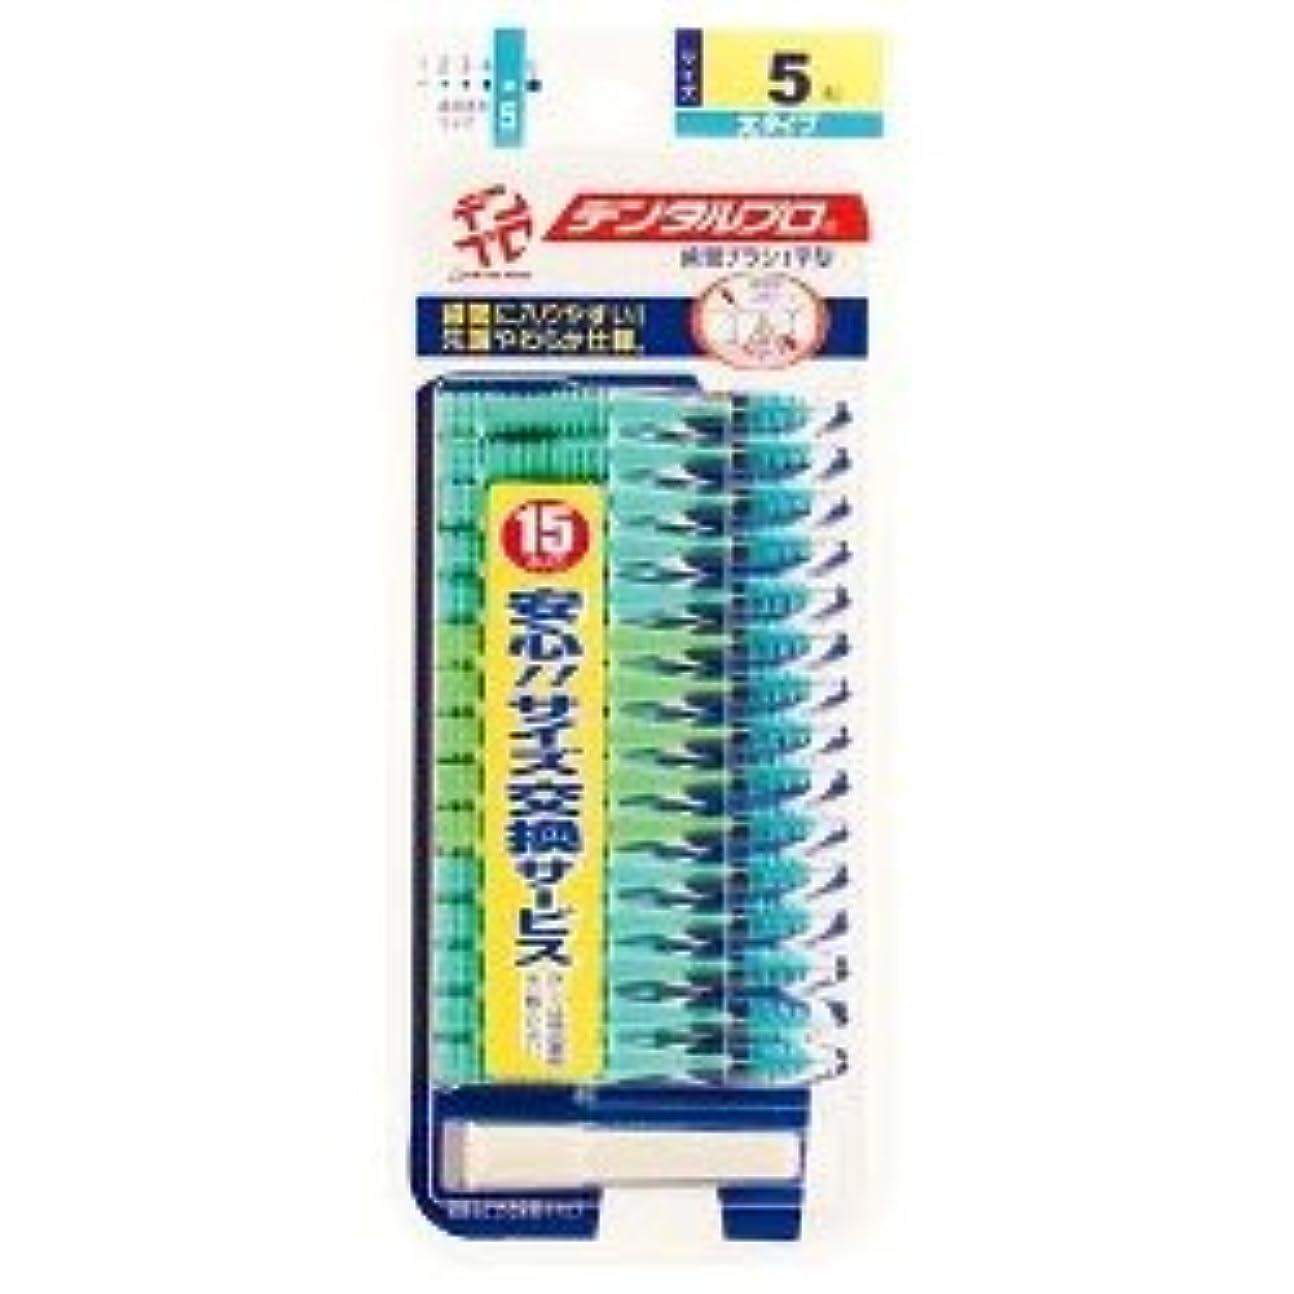 寝室を掃除する判定浪費【デンタルプロ】デンタルプロ 歯間ブラシ サイズ5-L 15本入 ×3個セット